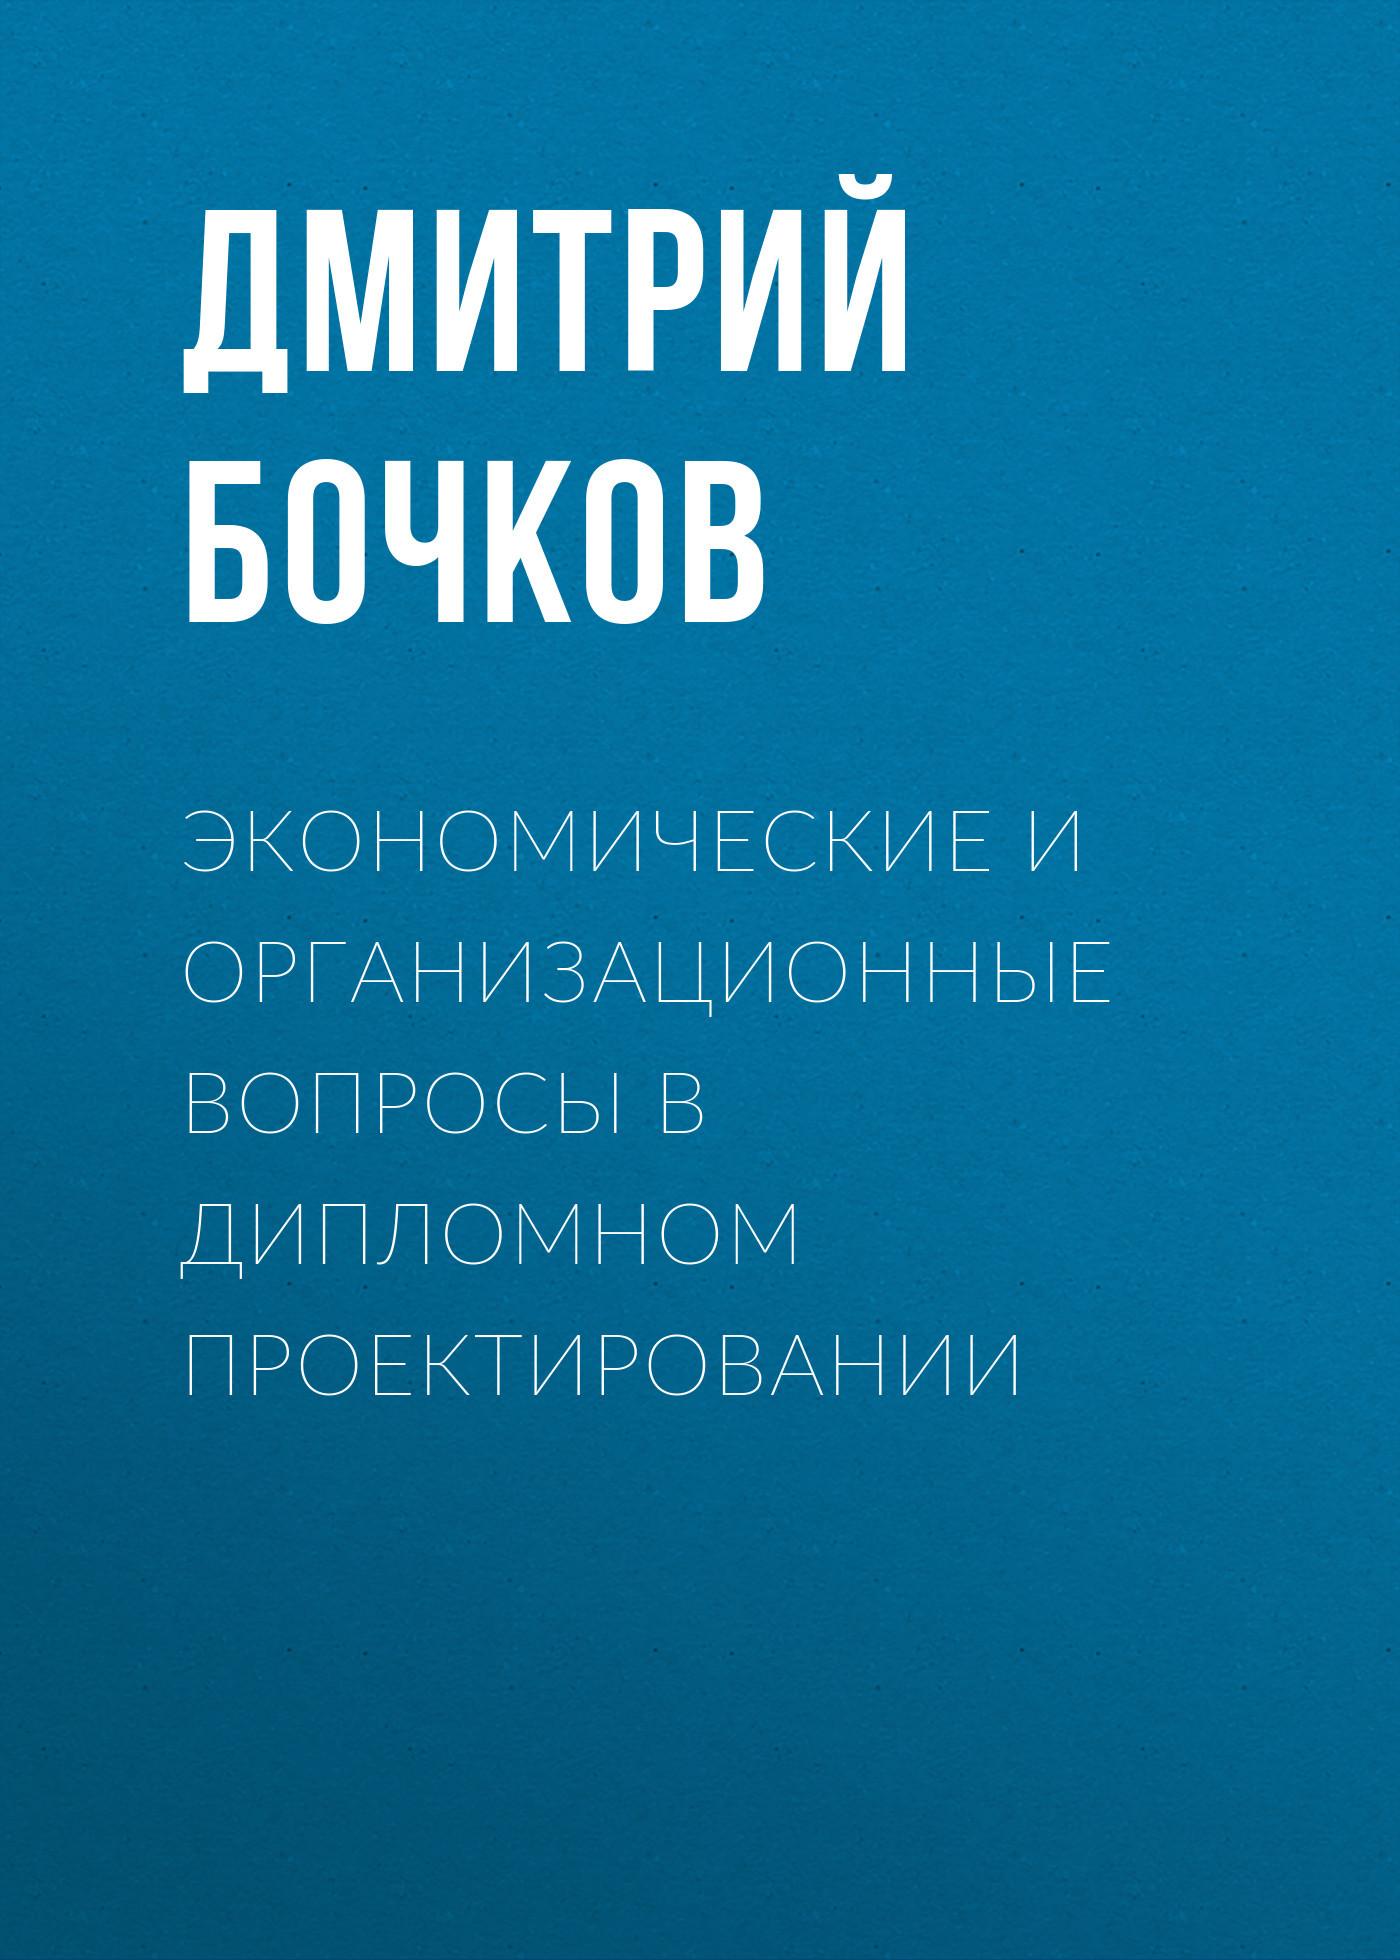 Дмитрий Бочков. Экономические и организационные вопросы в дипломном проектировании